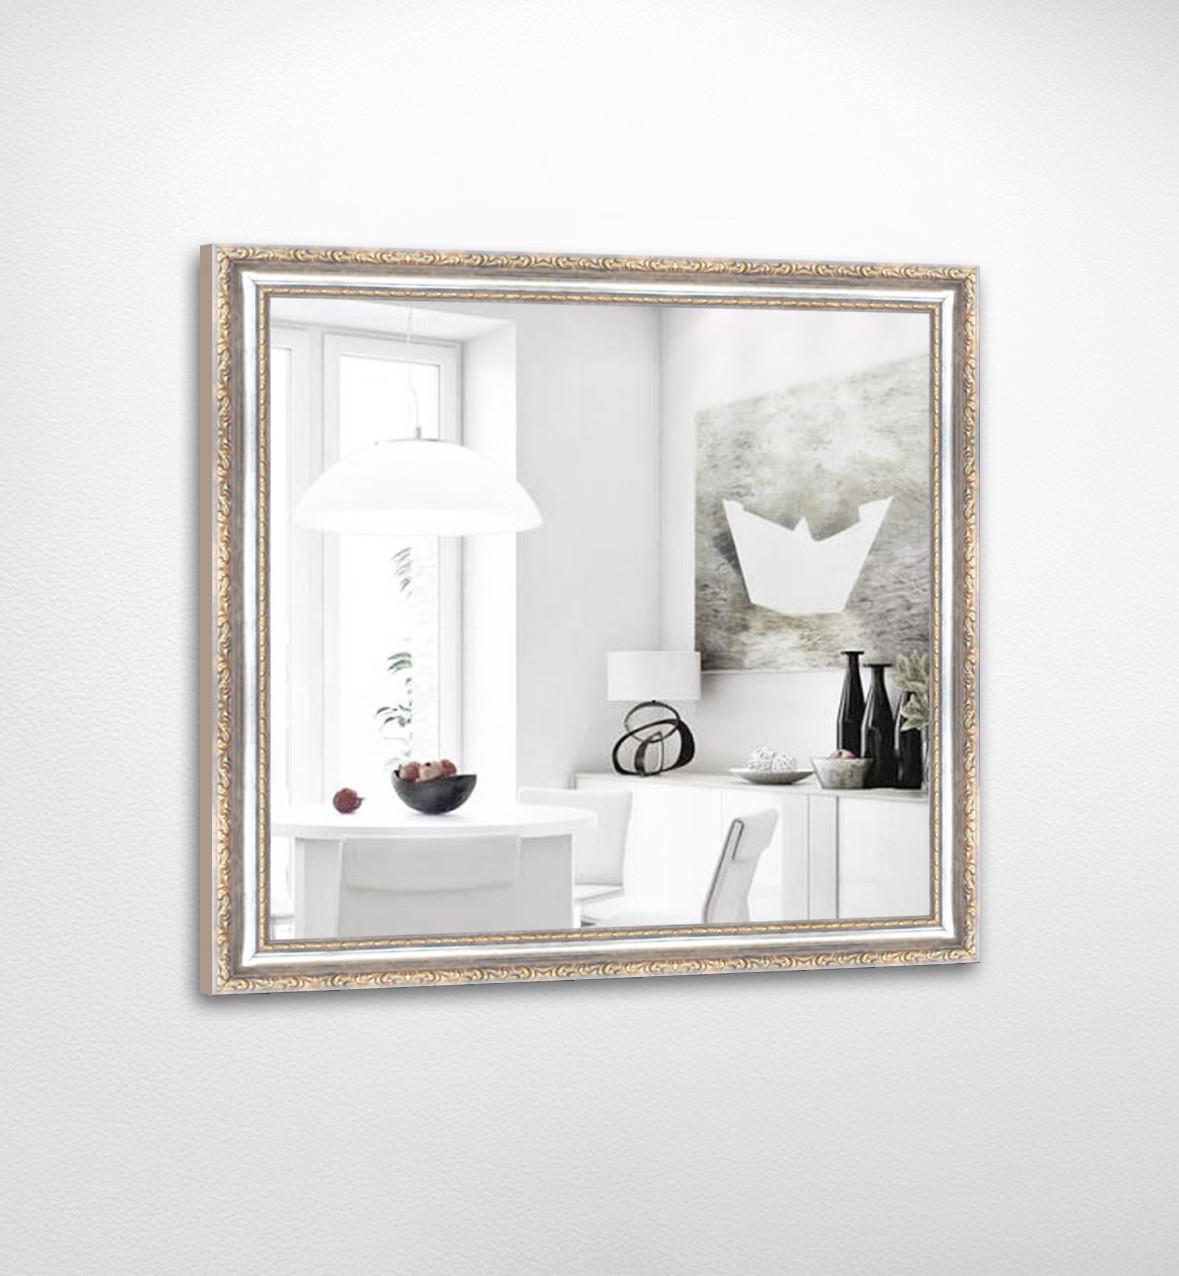 Настенное зеркало БЦ Стол Ванесса квадратное B07 белое